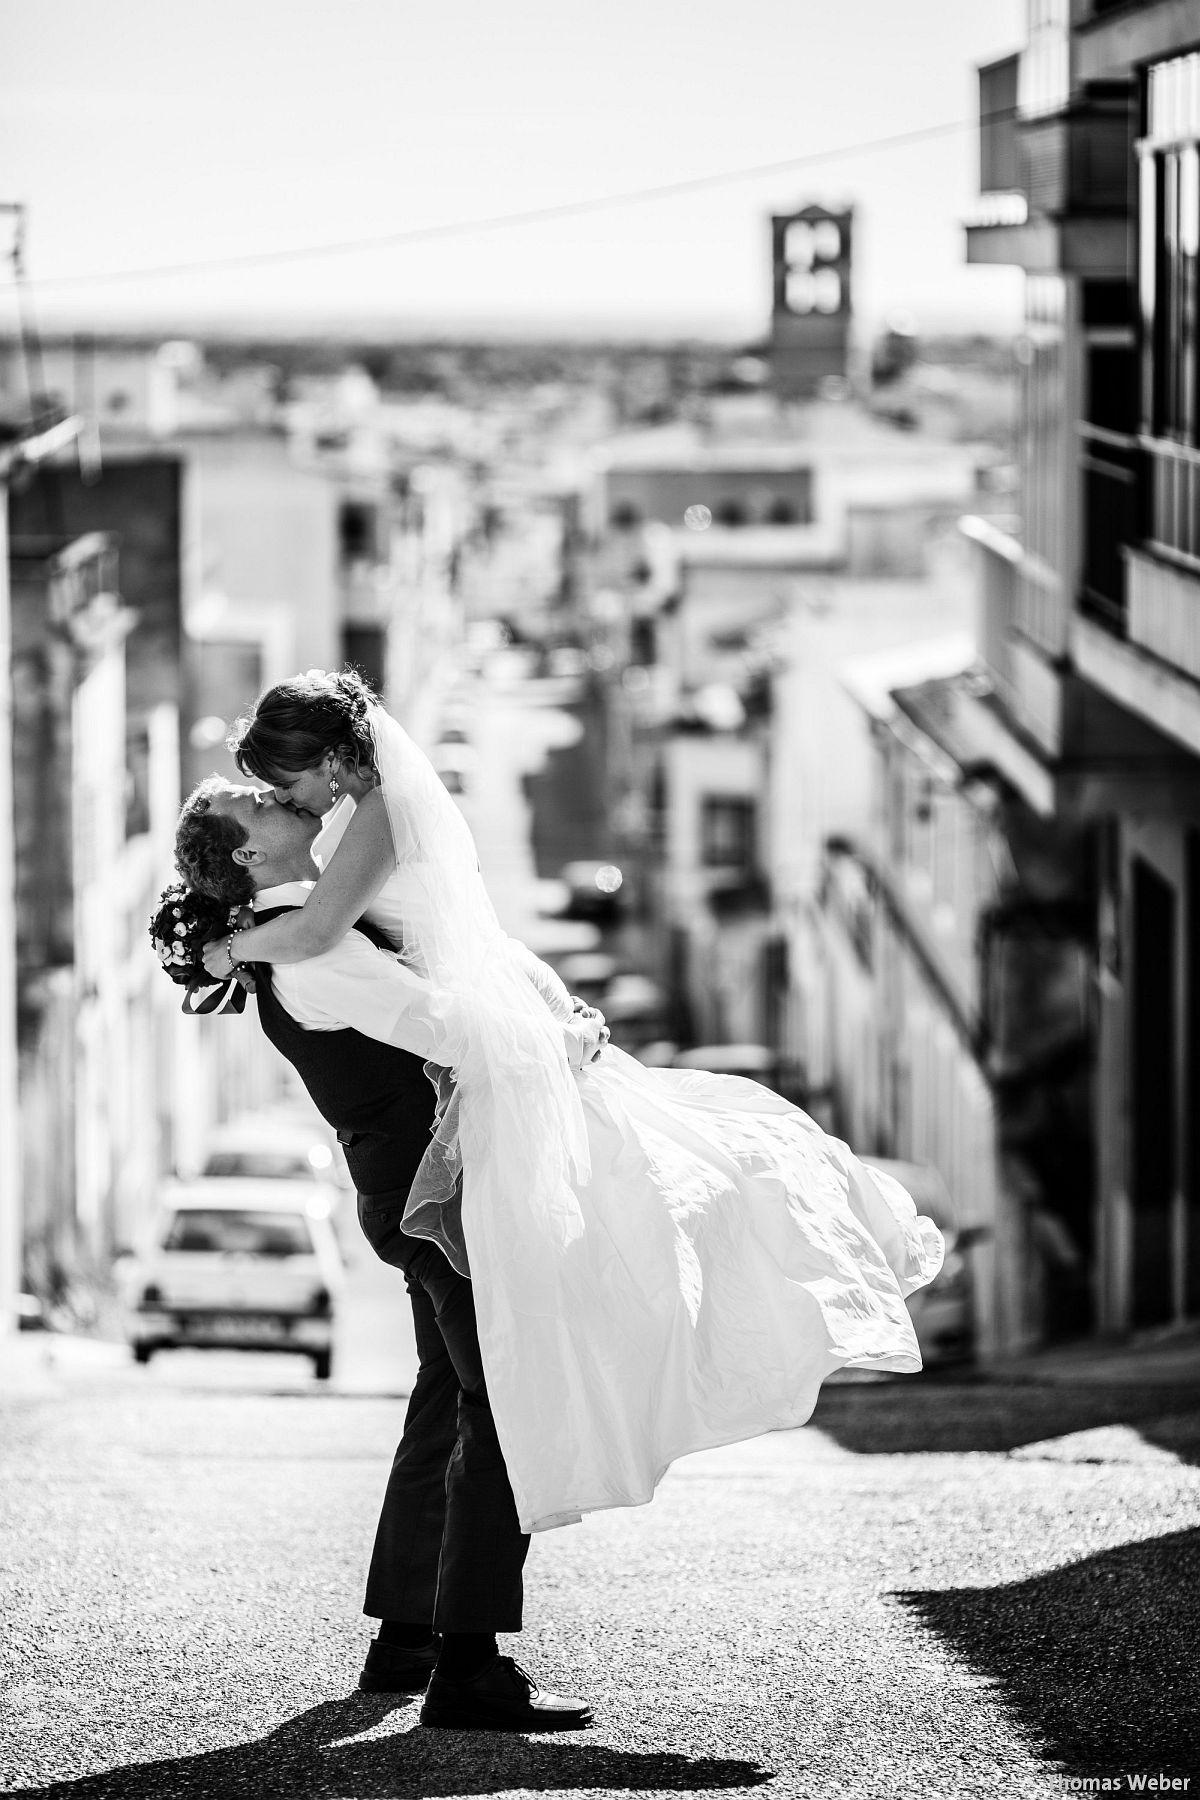 Hochzeitsfotograf Thomas Weber aus Oldenburg: Hochzeitsfotos und Paarfotos auf Mallorca (18)